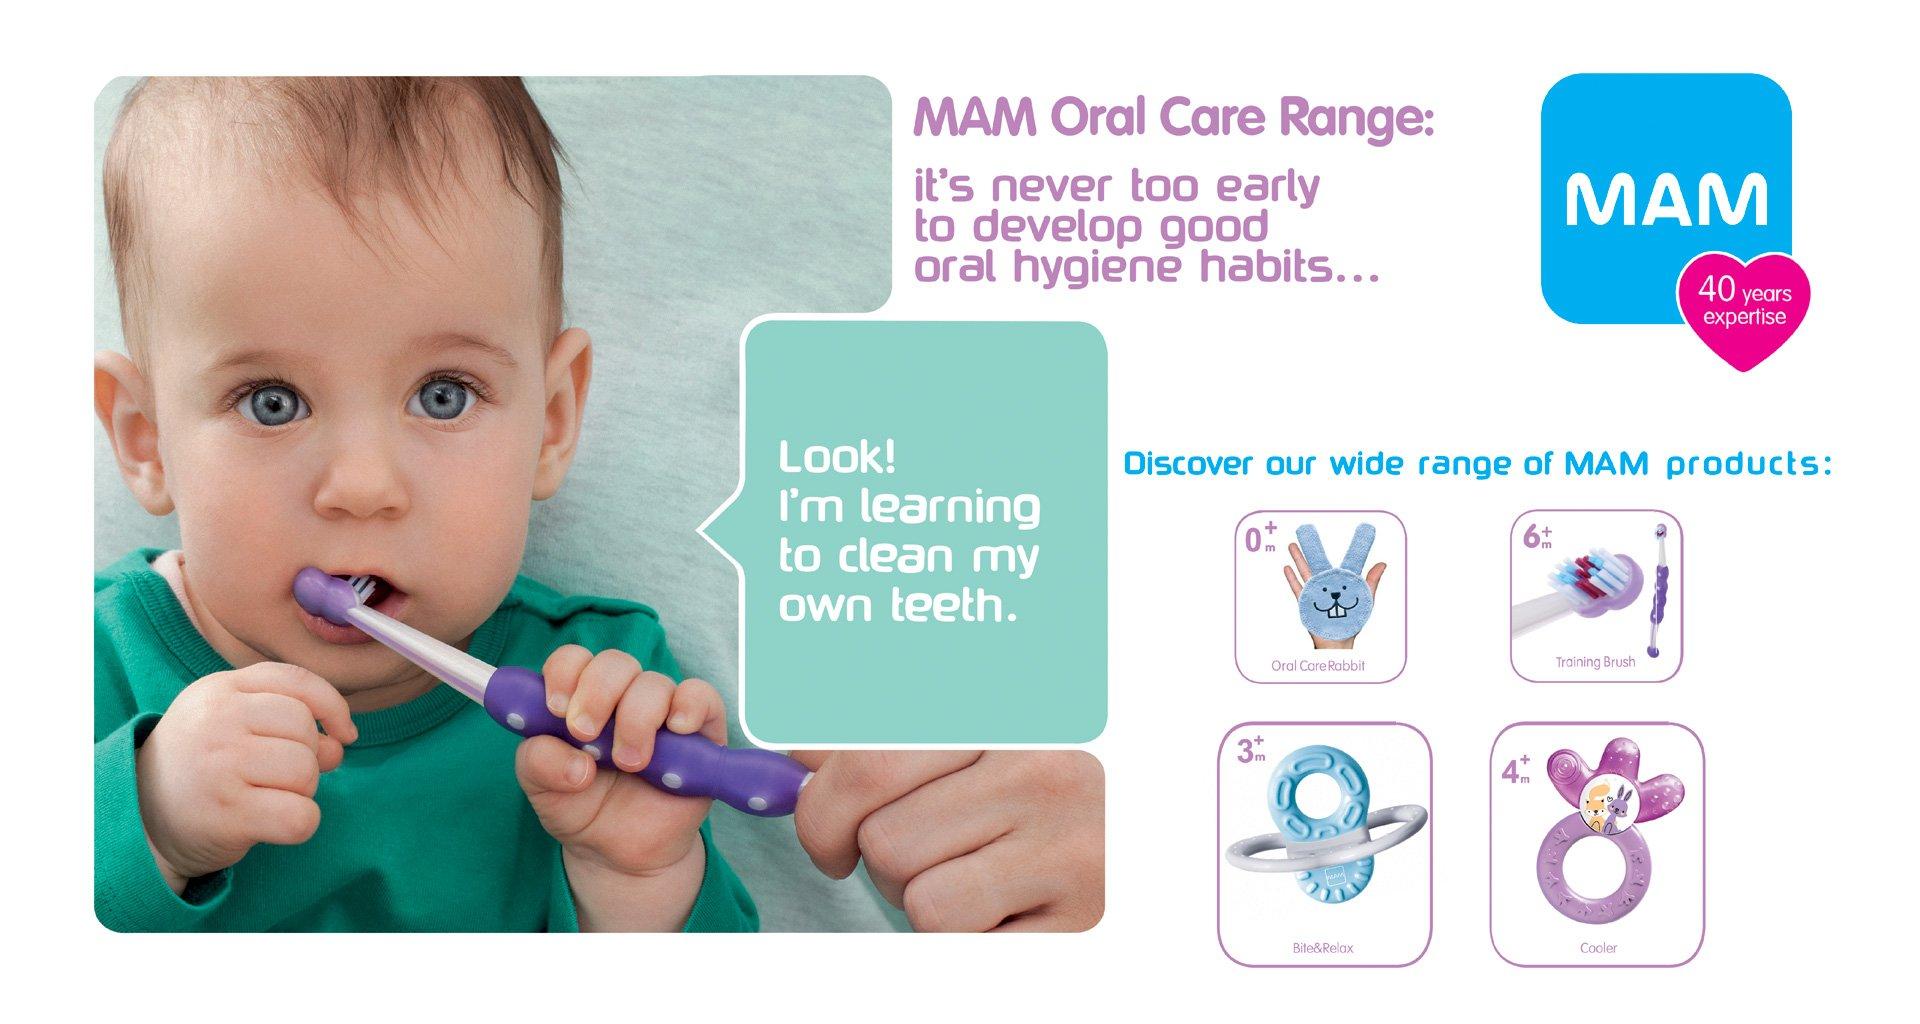 MAM Oral Care Range